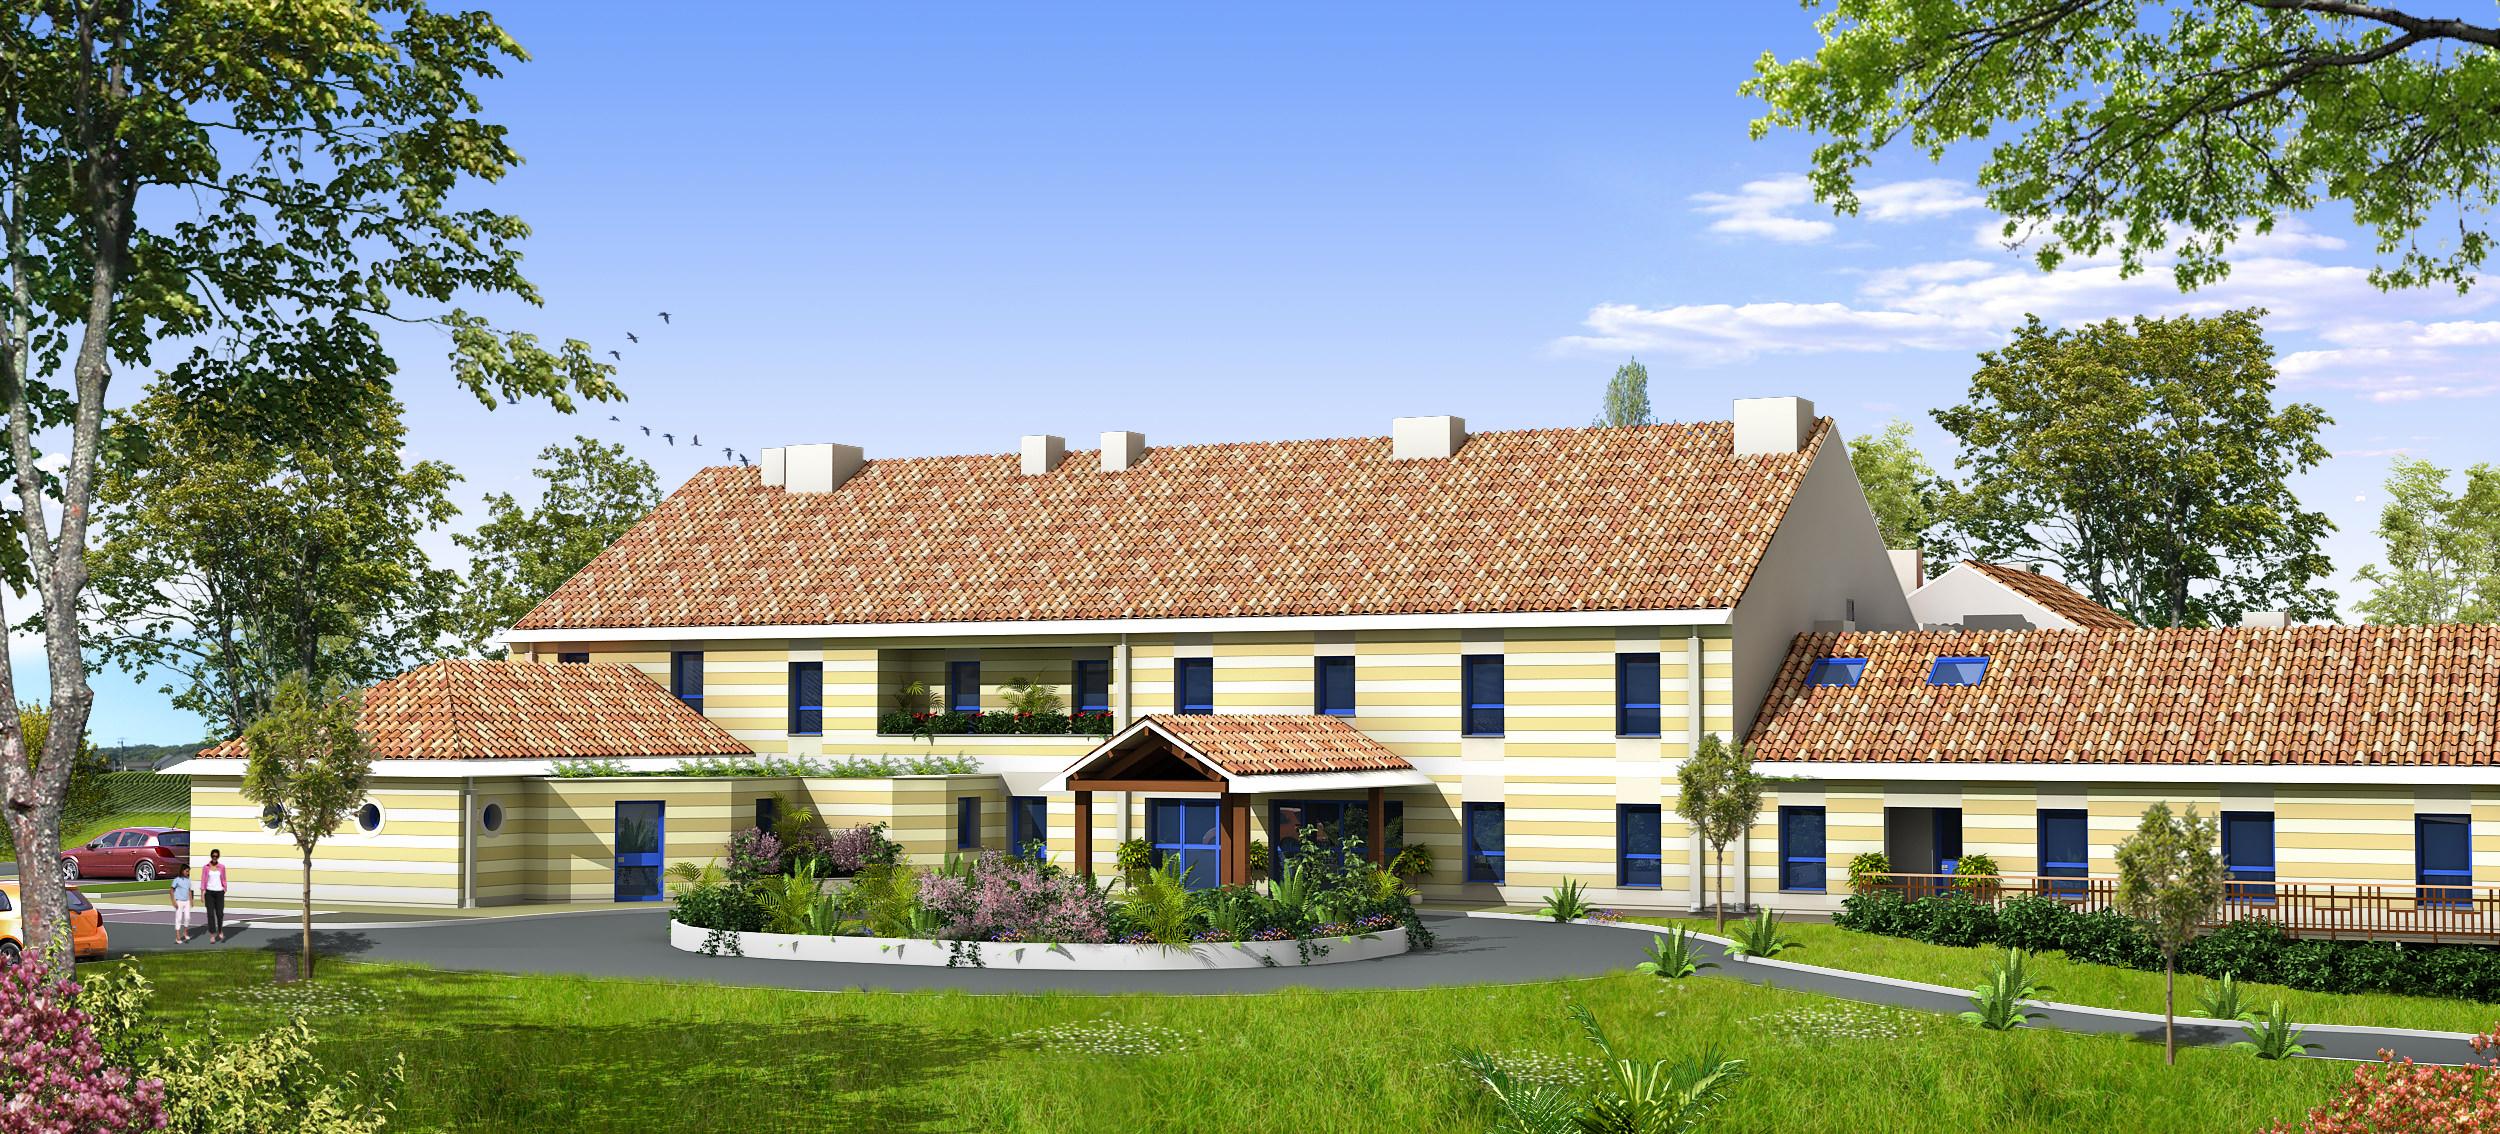 Maisons de retraite les eaux vives souilly souilly 55 for Animateur maison de retraite